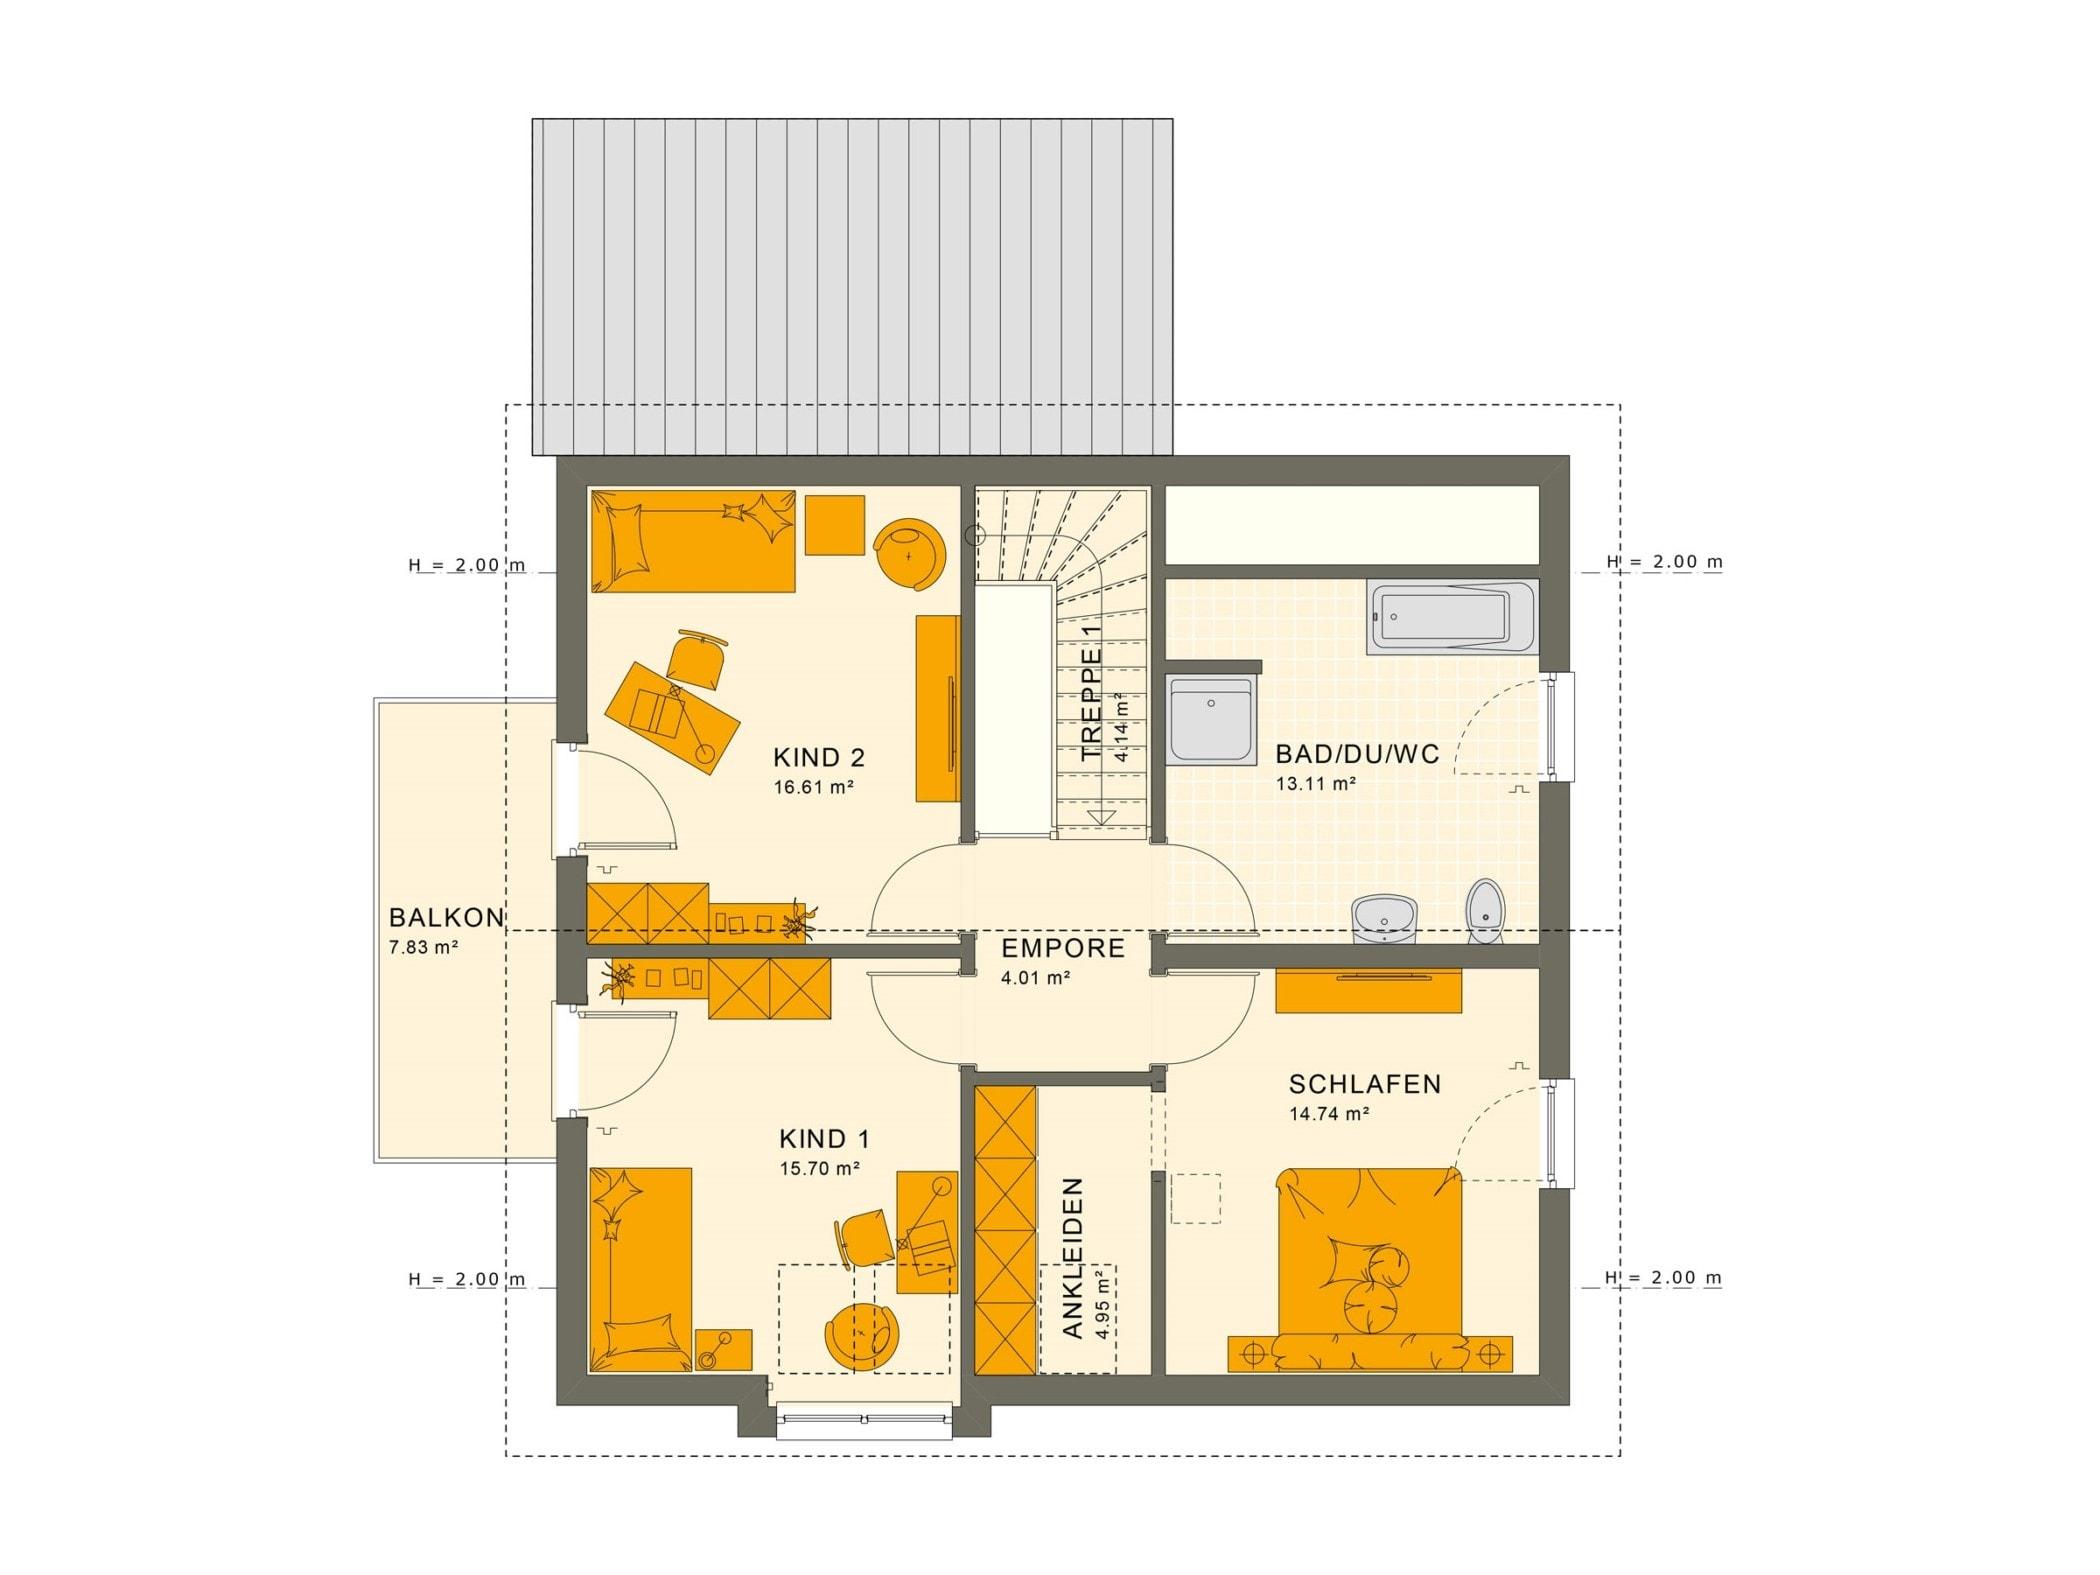 Einfamilienhaus Grundriss Obergeschoss mit Satteldach, 5 Zimmer, 150 qm - Fertighaus Living Haus SUNSHINE 151 V5 - HausbauDirekt.de